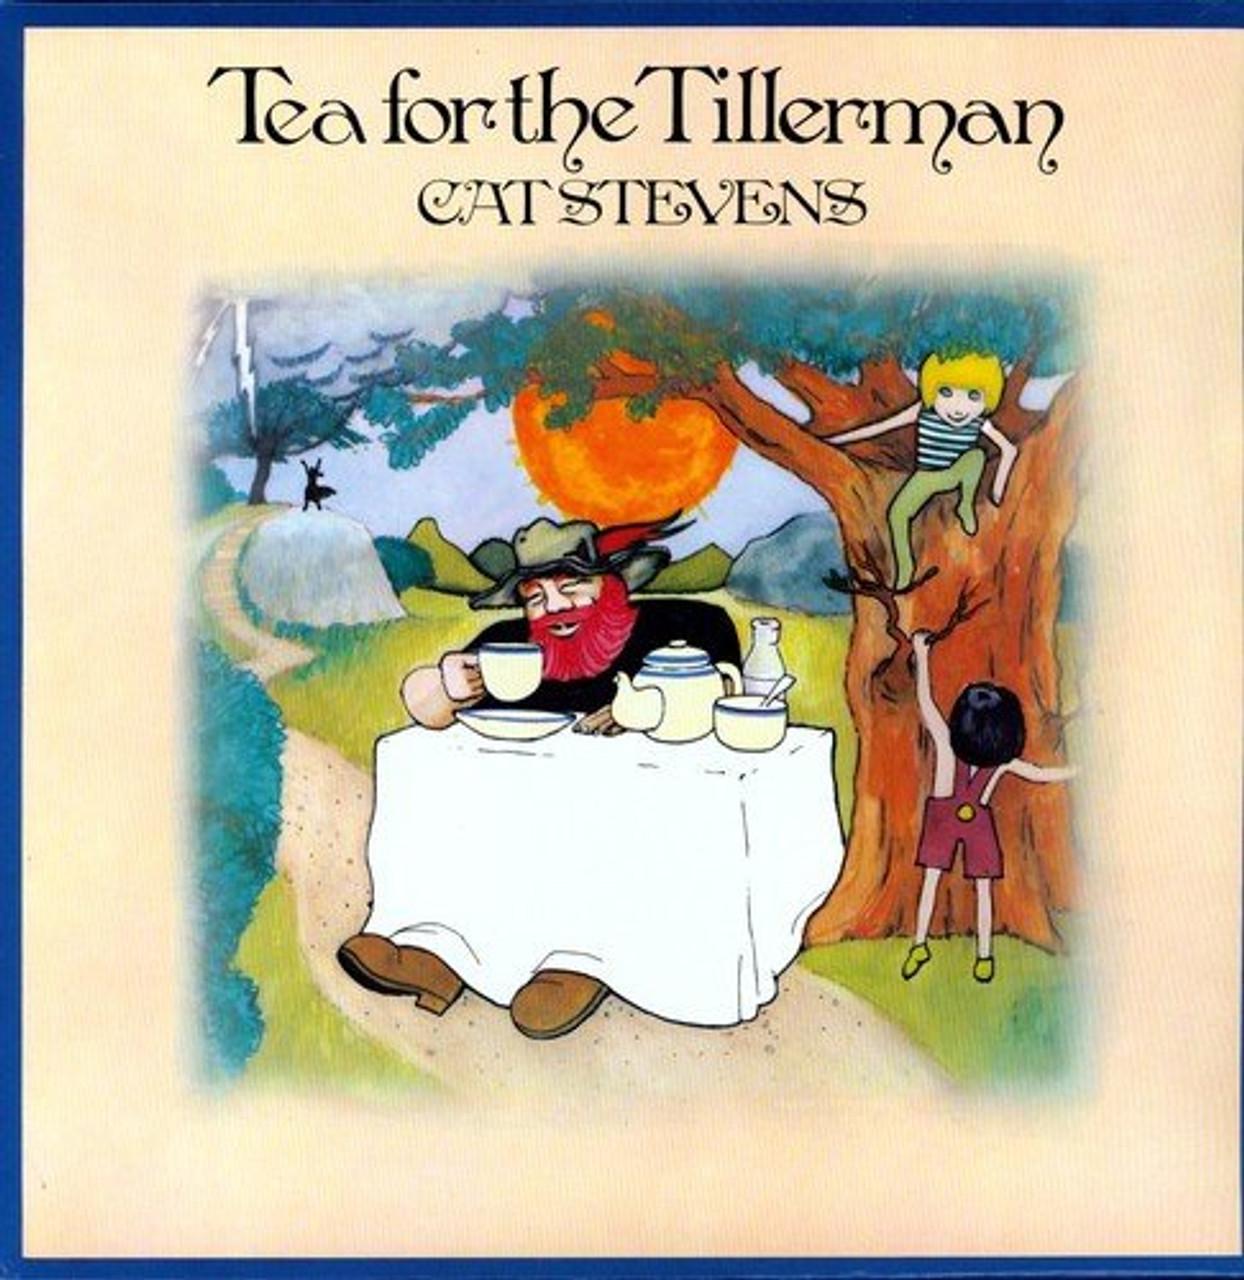 CAT STEVENS -Tea for the Tillerman VINYL LP-Brand New-Still Sealed